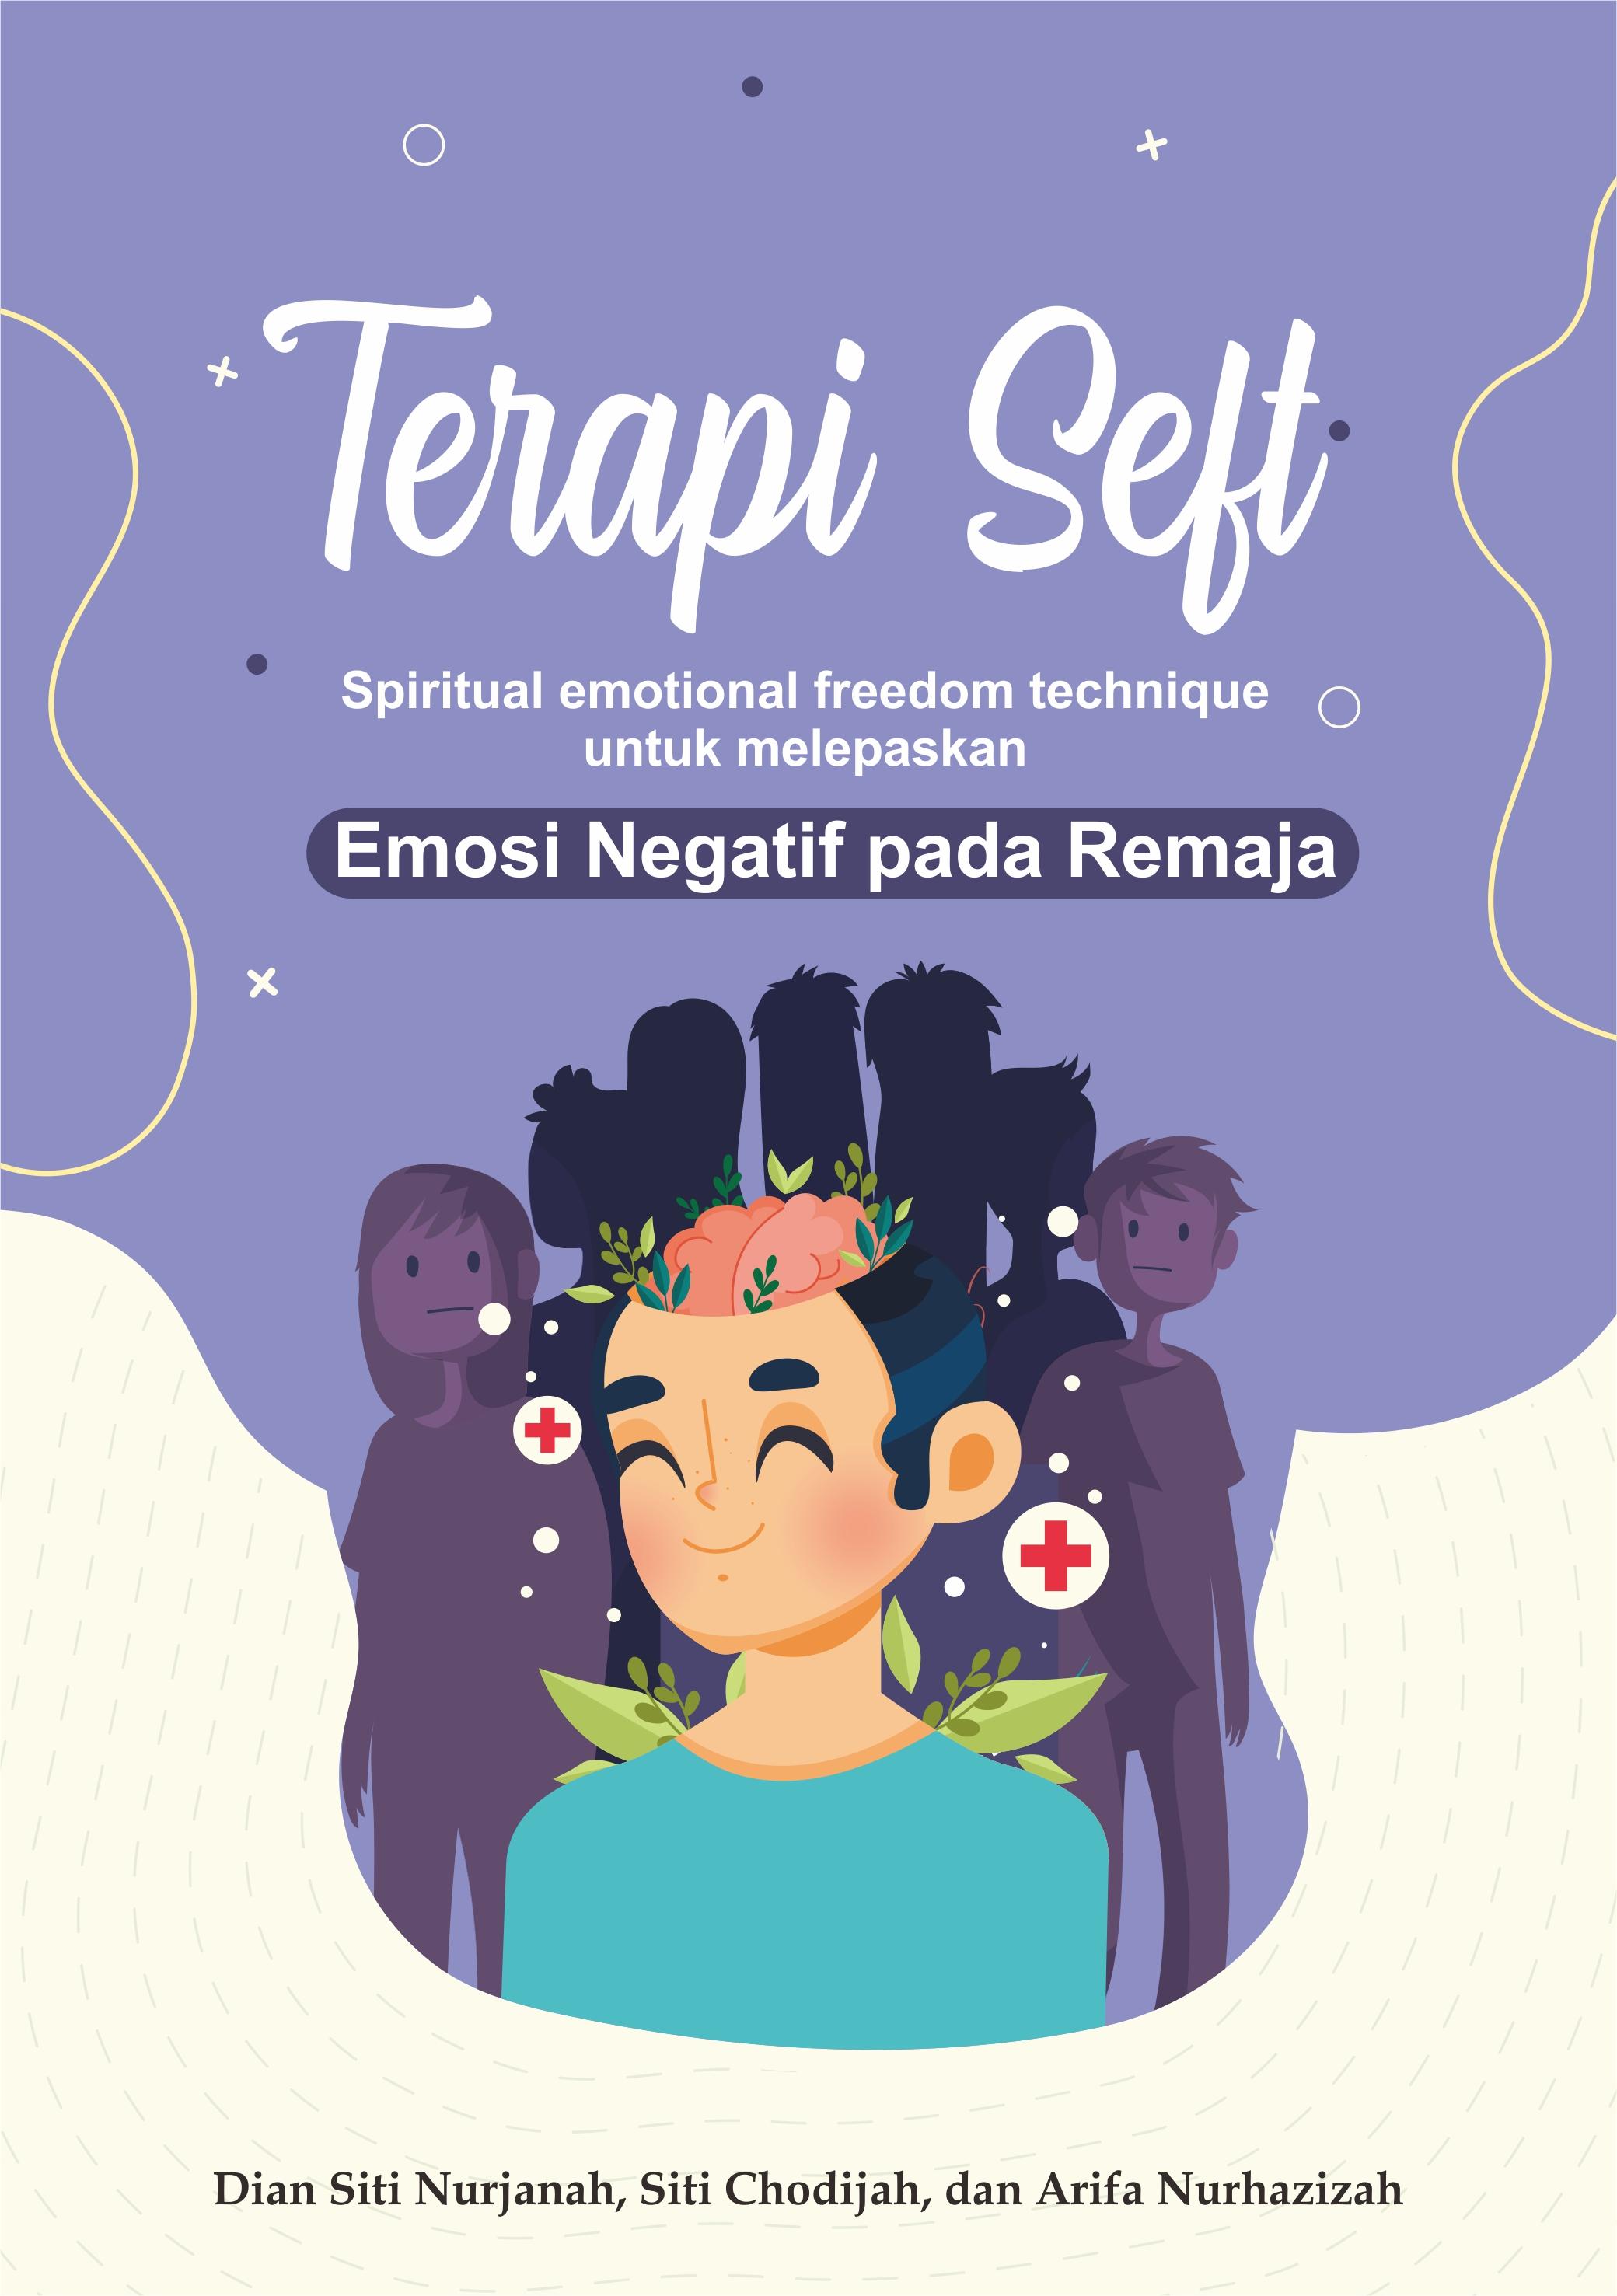 Terapi SEFT (spiritual emotional freedom technique)  untuk melepaskan emosi negatif pada remaja [sumber elektronis]